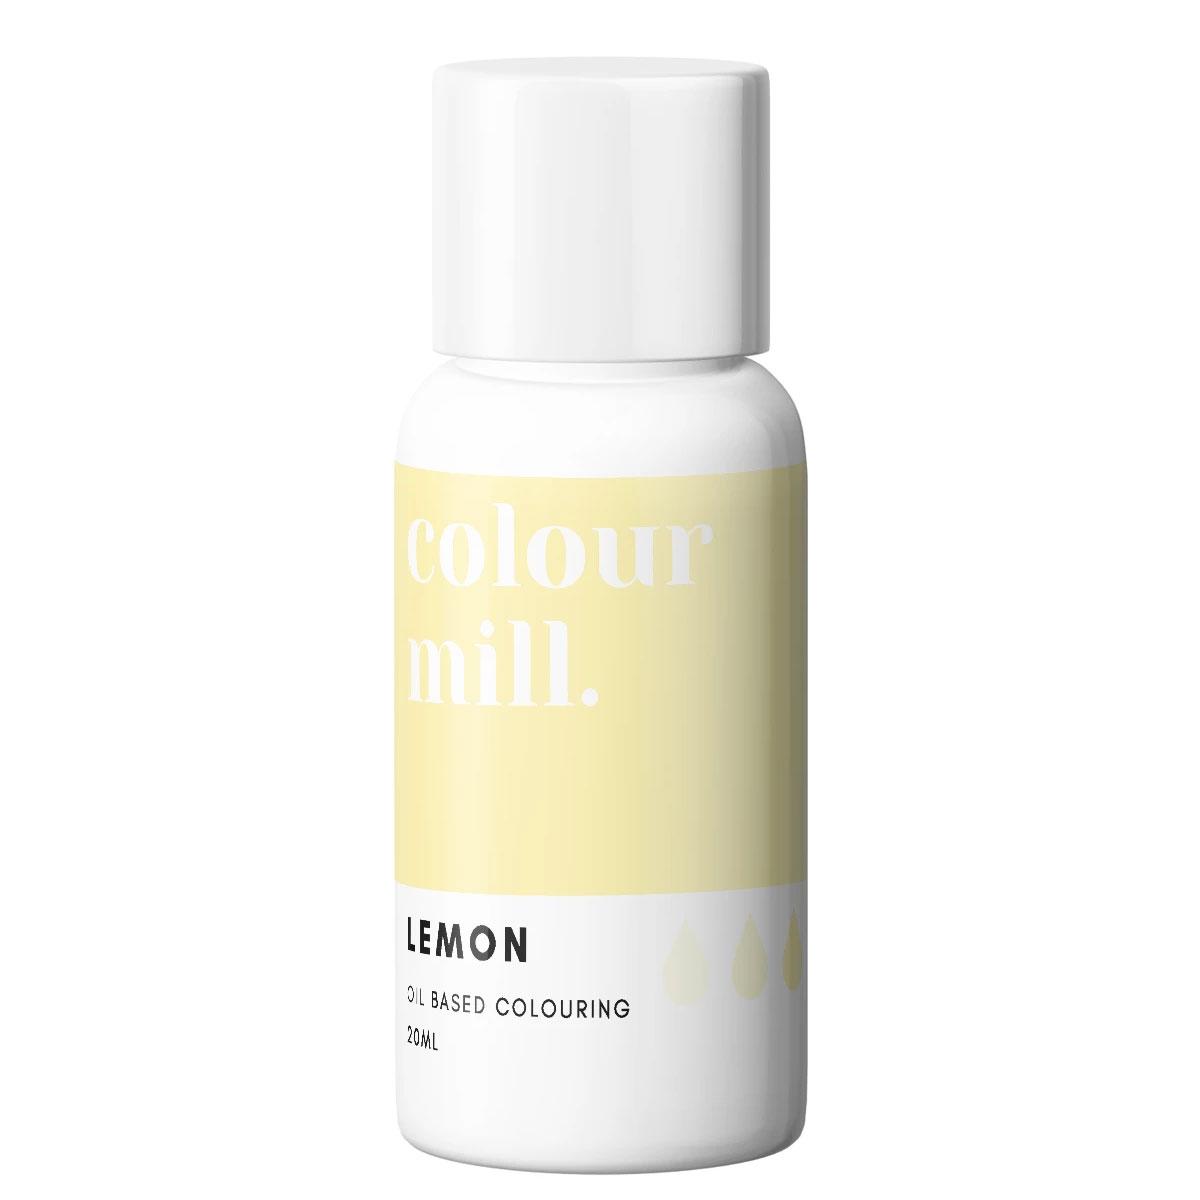 Colour Mill fettlösliche Lebensmittelfarbe - Lemon 20ml